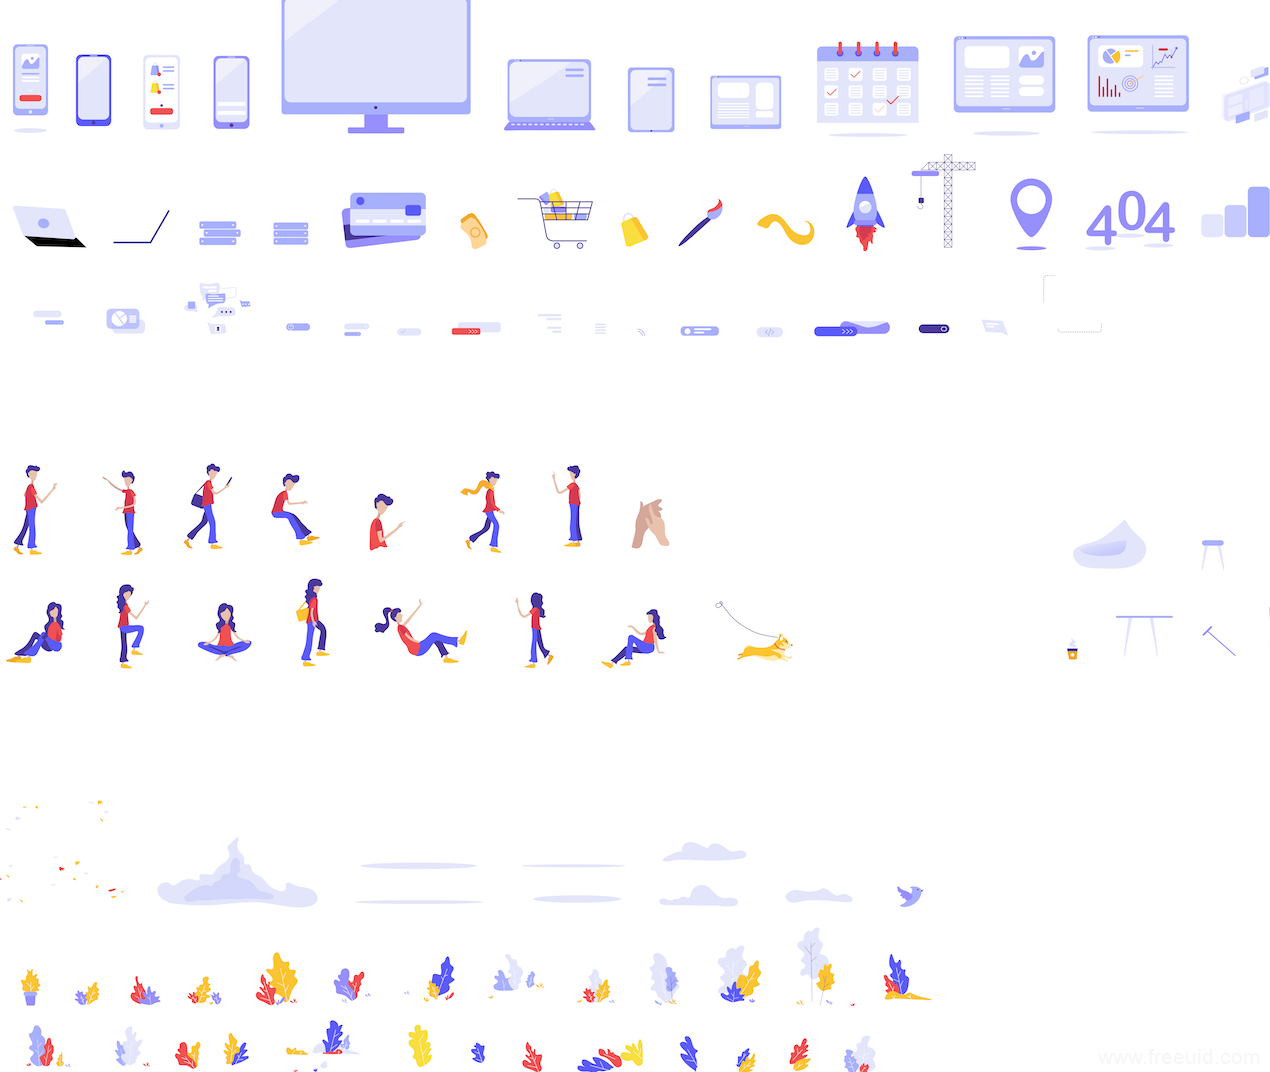 近百款插画组件库、场景插画、人物造型插画、装饰植物插画源文件下载